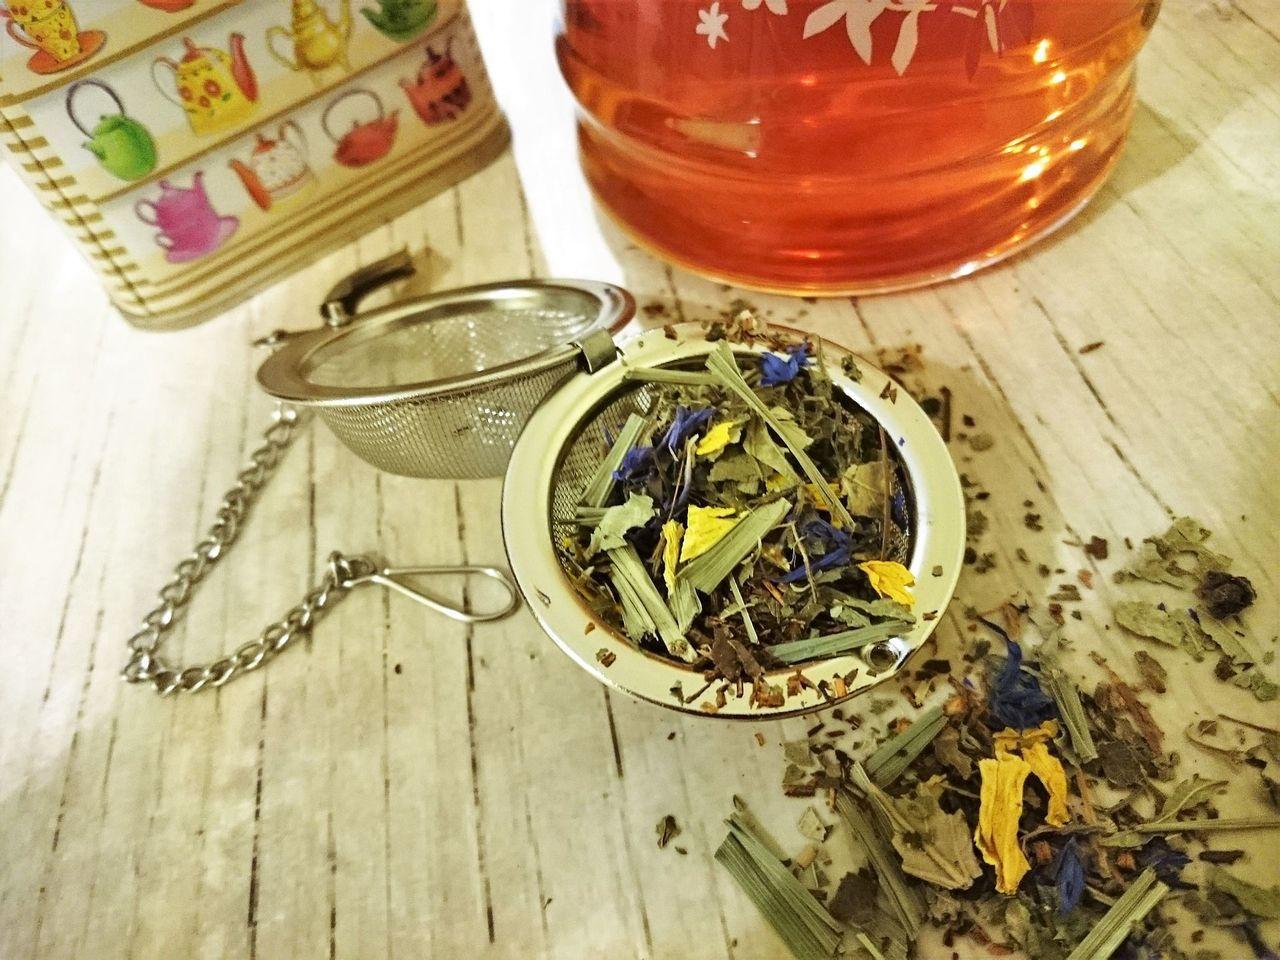 朴子醫院中醫科提供數個中醫茶飲方,可以沖泡玫瑰加山楂、烏梅加陳皮、麥茶單味、決明...